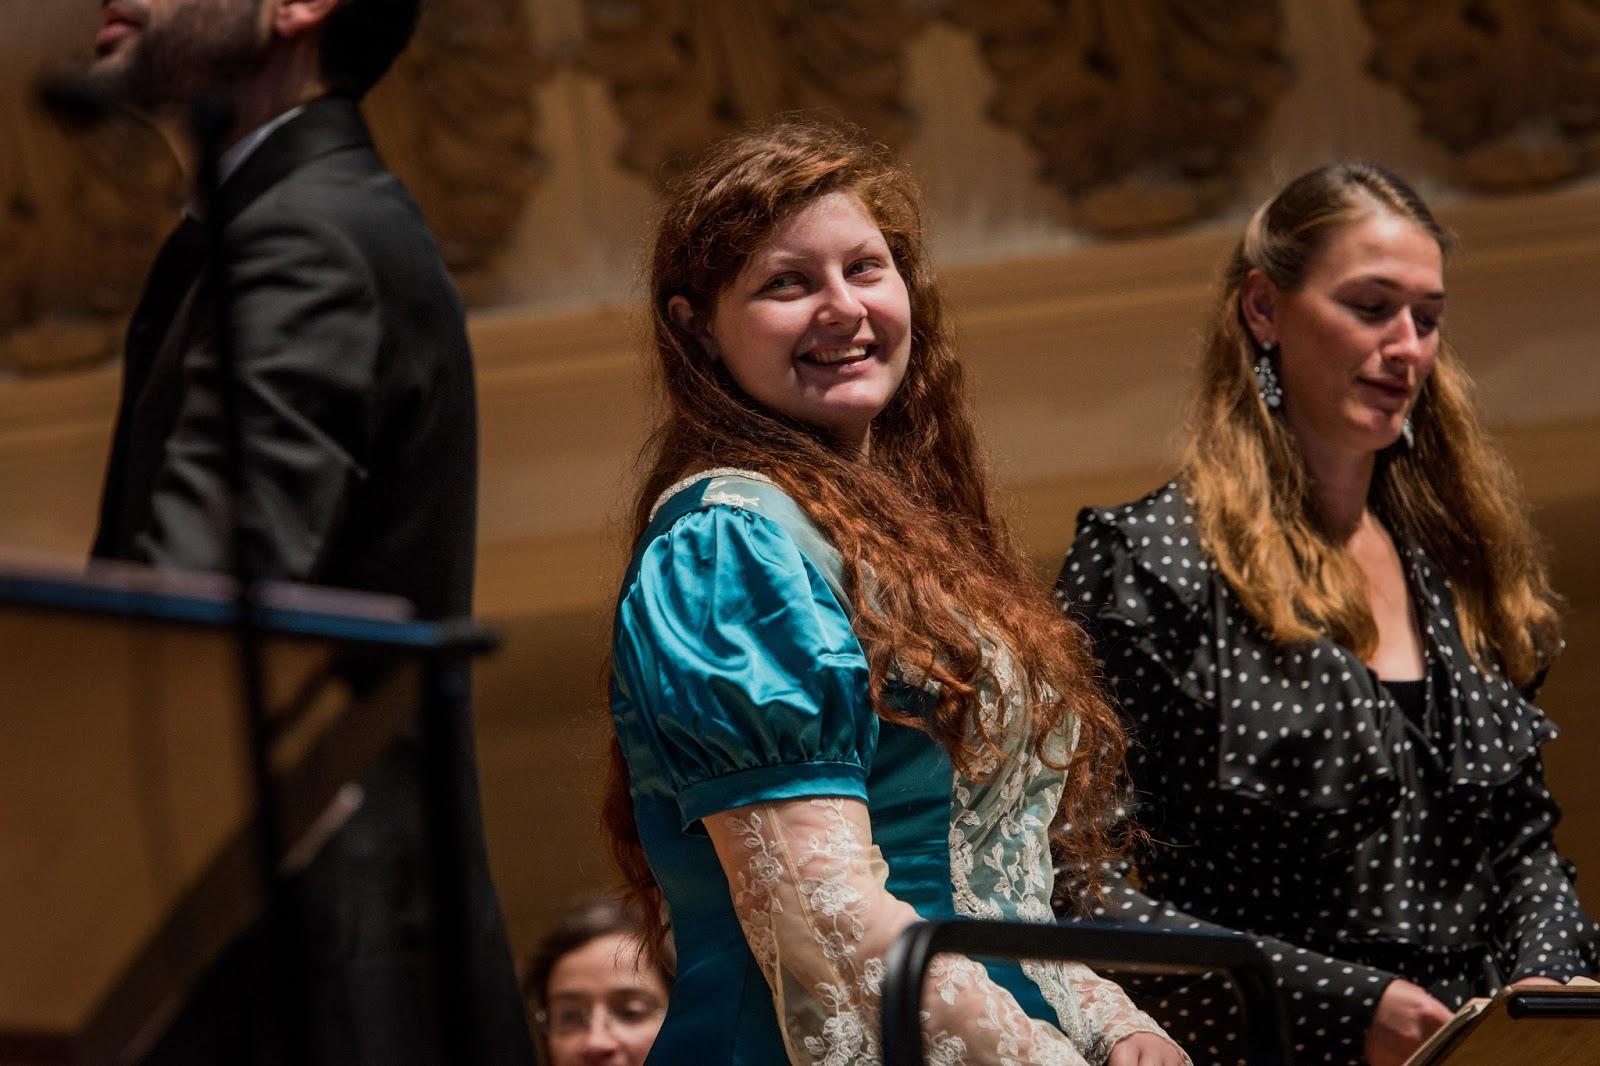 Leo Duarte, Maria Ostroukhova, Erica Eloff - Opera Settecento - Pergolesi: Adriano in Siria